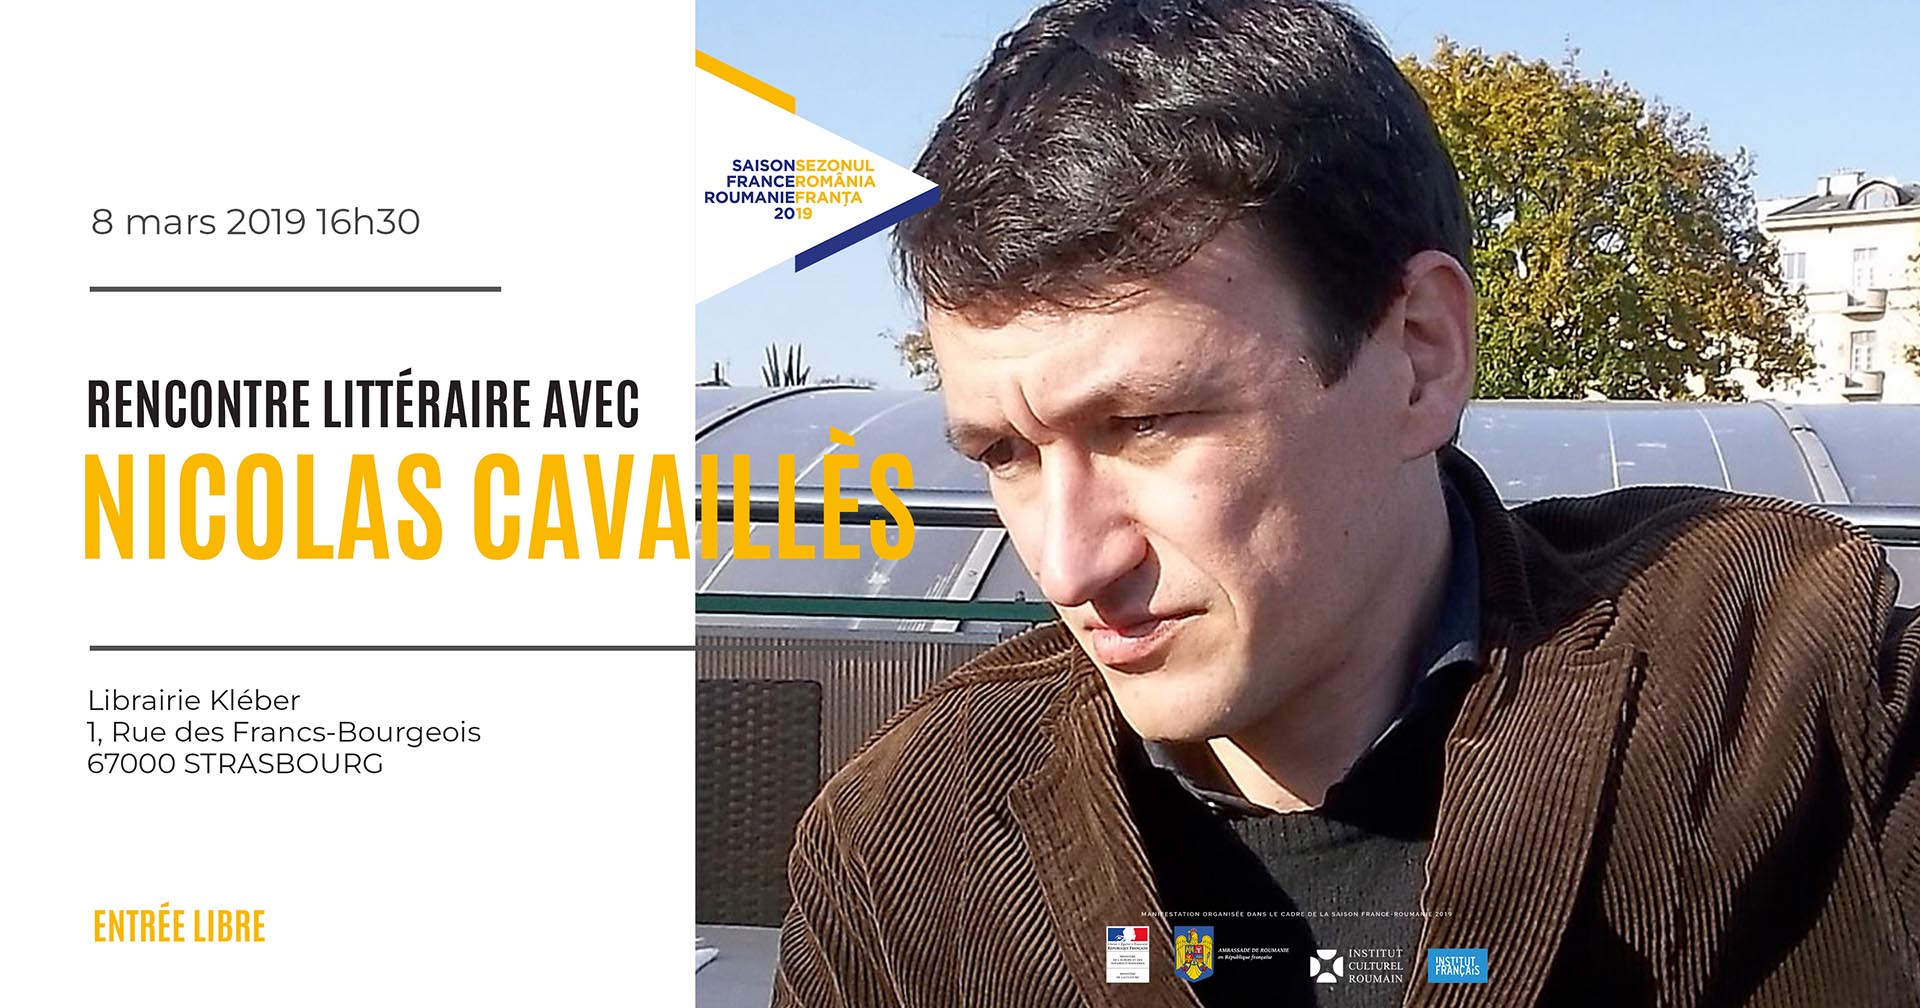 Rencontre littéraire avec Nicolas Cavaillès Strasbourg